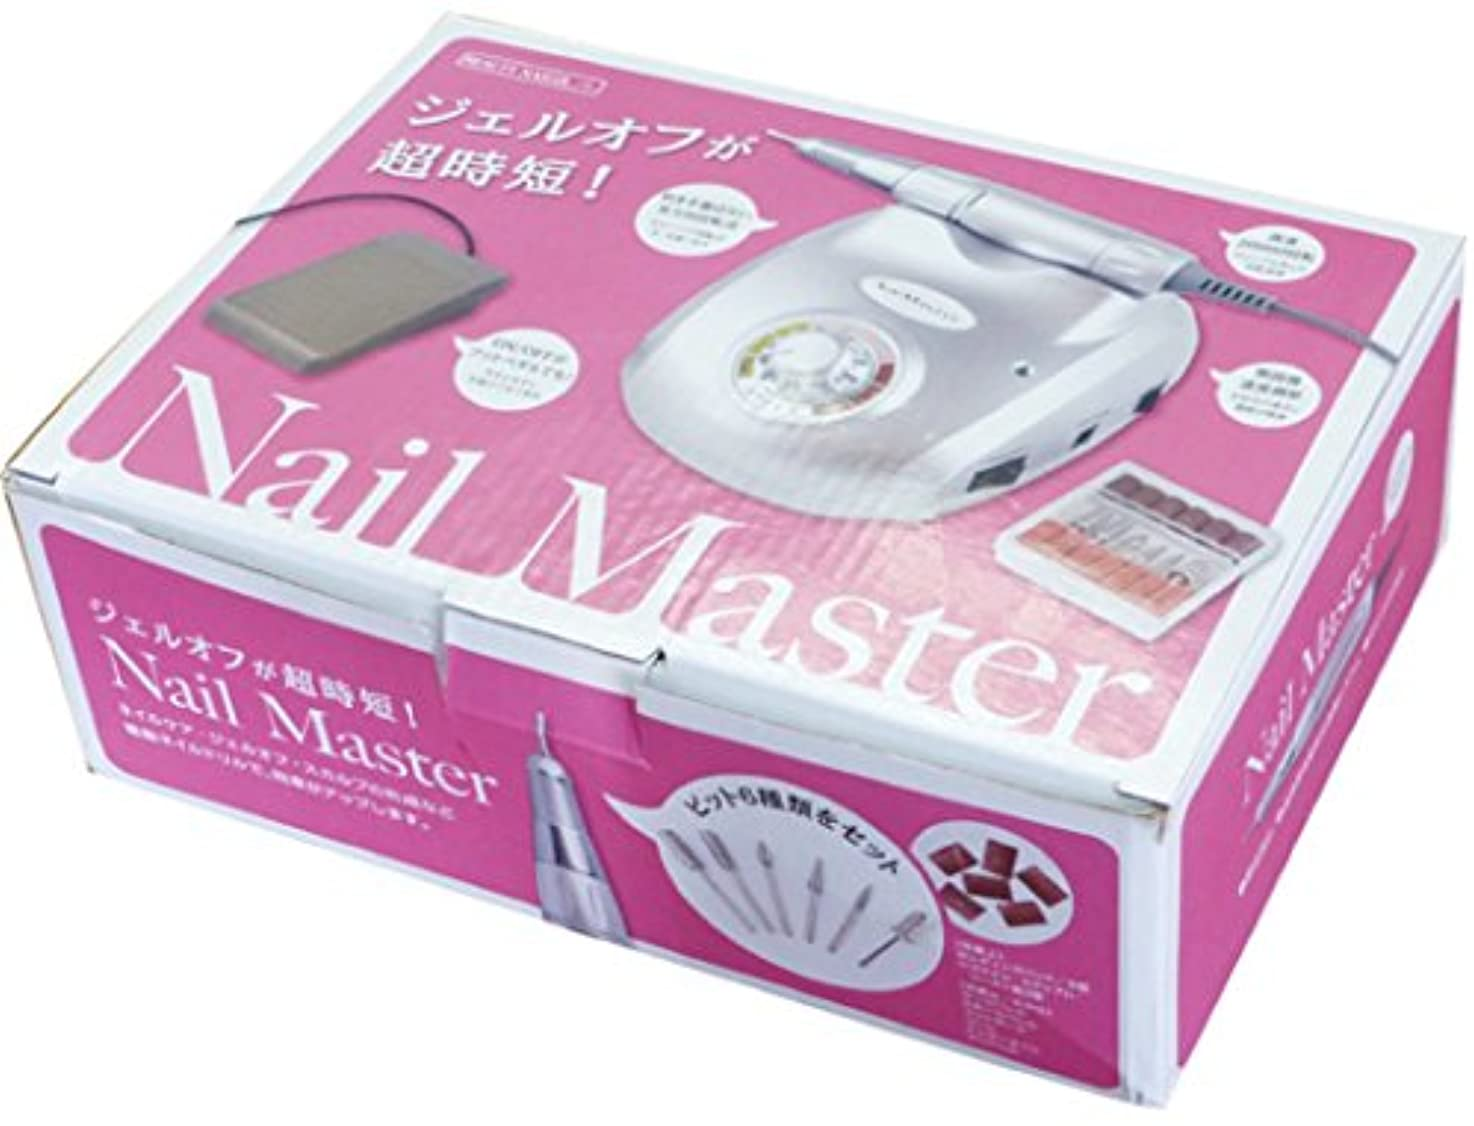 塗抹アナログ計器ビューティーネイラー ネイルマスター DRILL-1